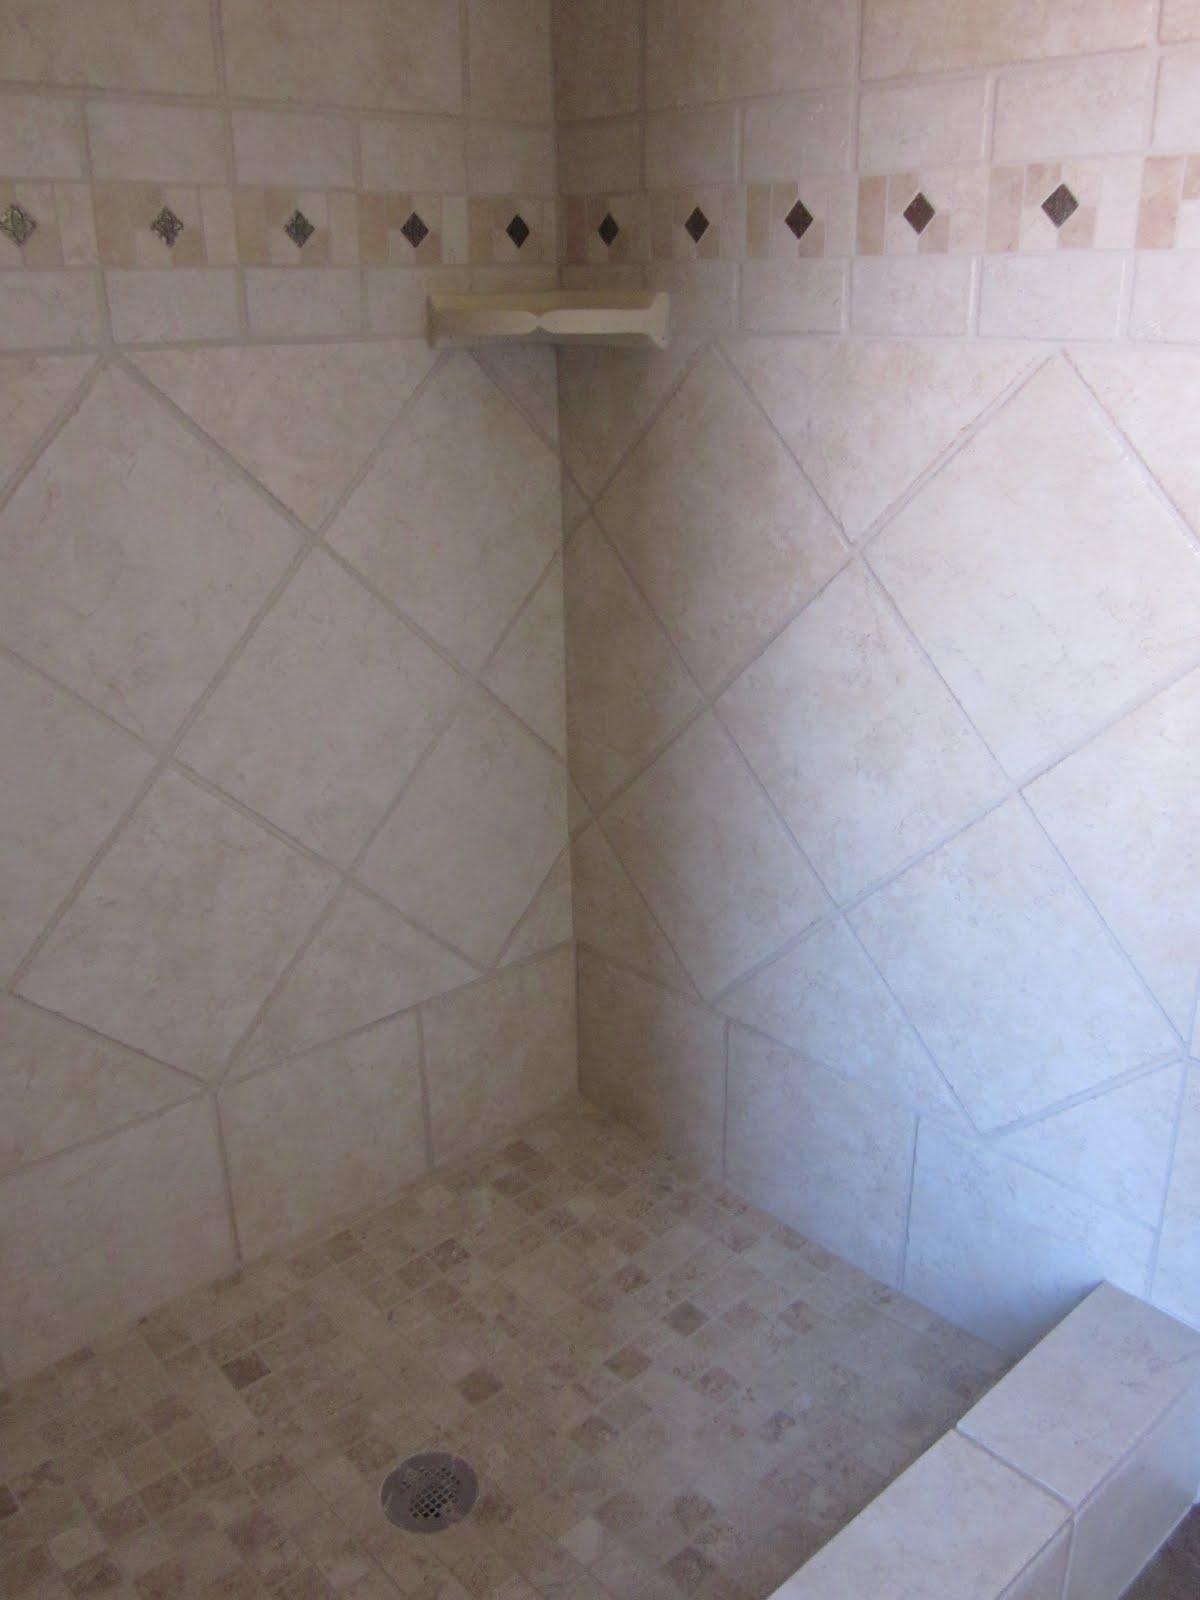 Custom Bathroom Remodeling June - 20 x 20 floor tile patterns